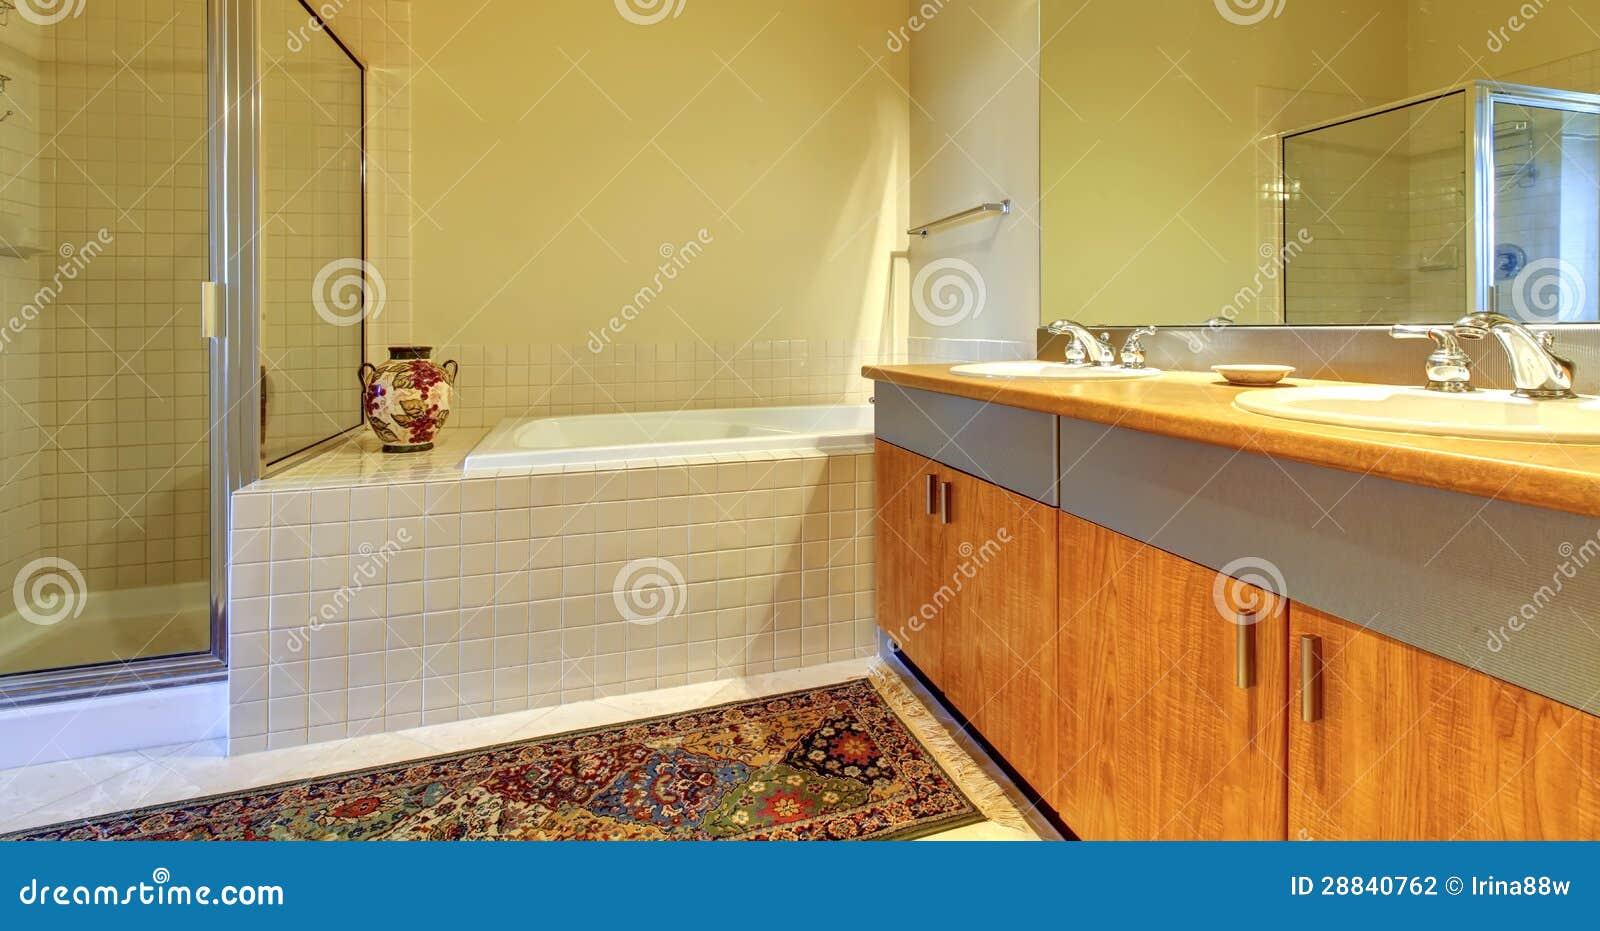 Cuarto de ba o con las cabinas la tina y la ducha de - Habitacion de madera ...